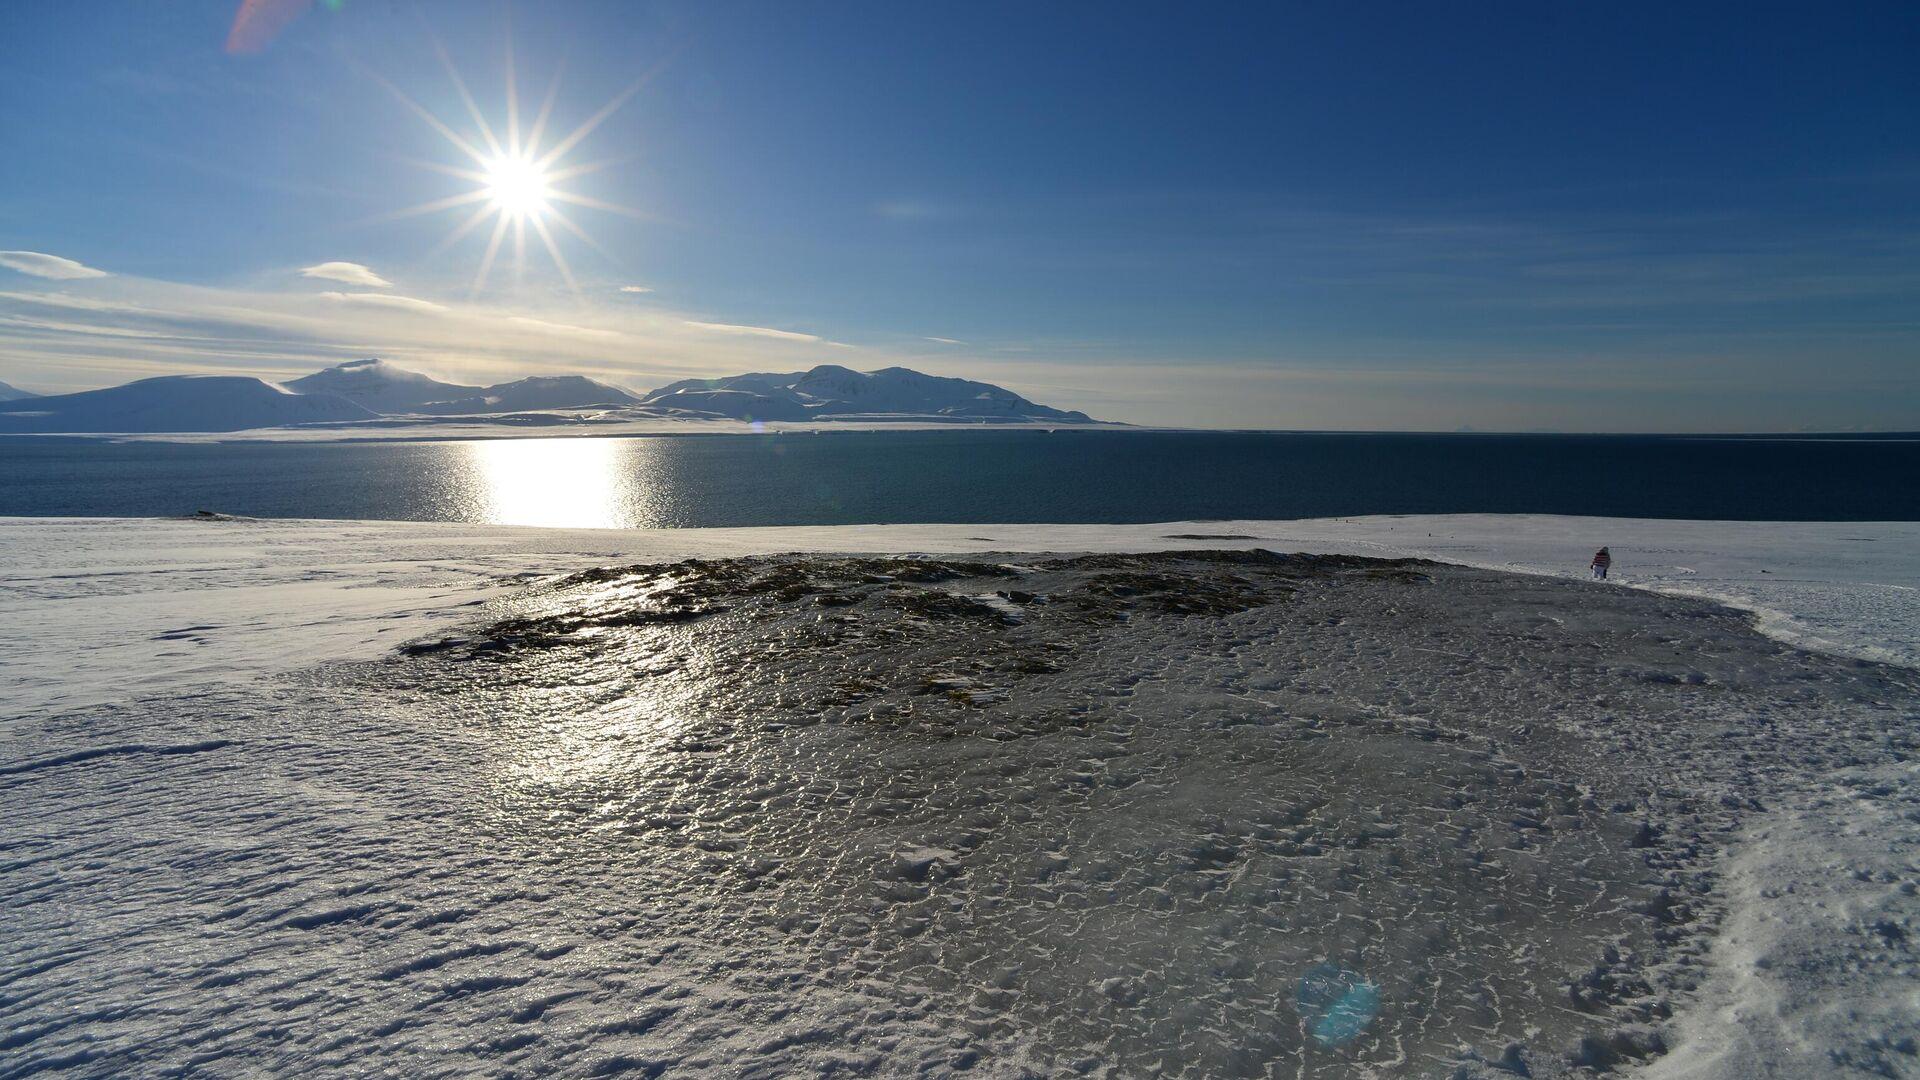 Вид на Северный Ледовитый океан с архипелага Шпицберген - РИА Новости, 1920, 24.09.2021